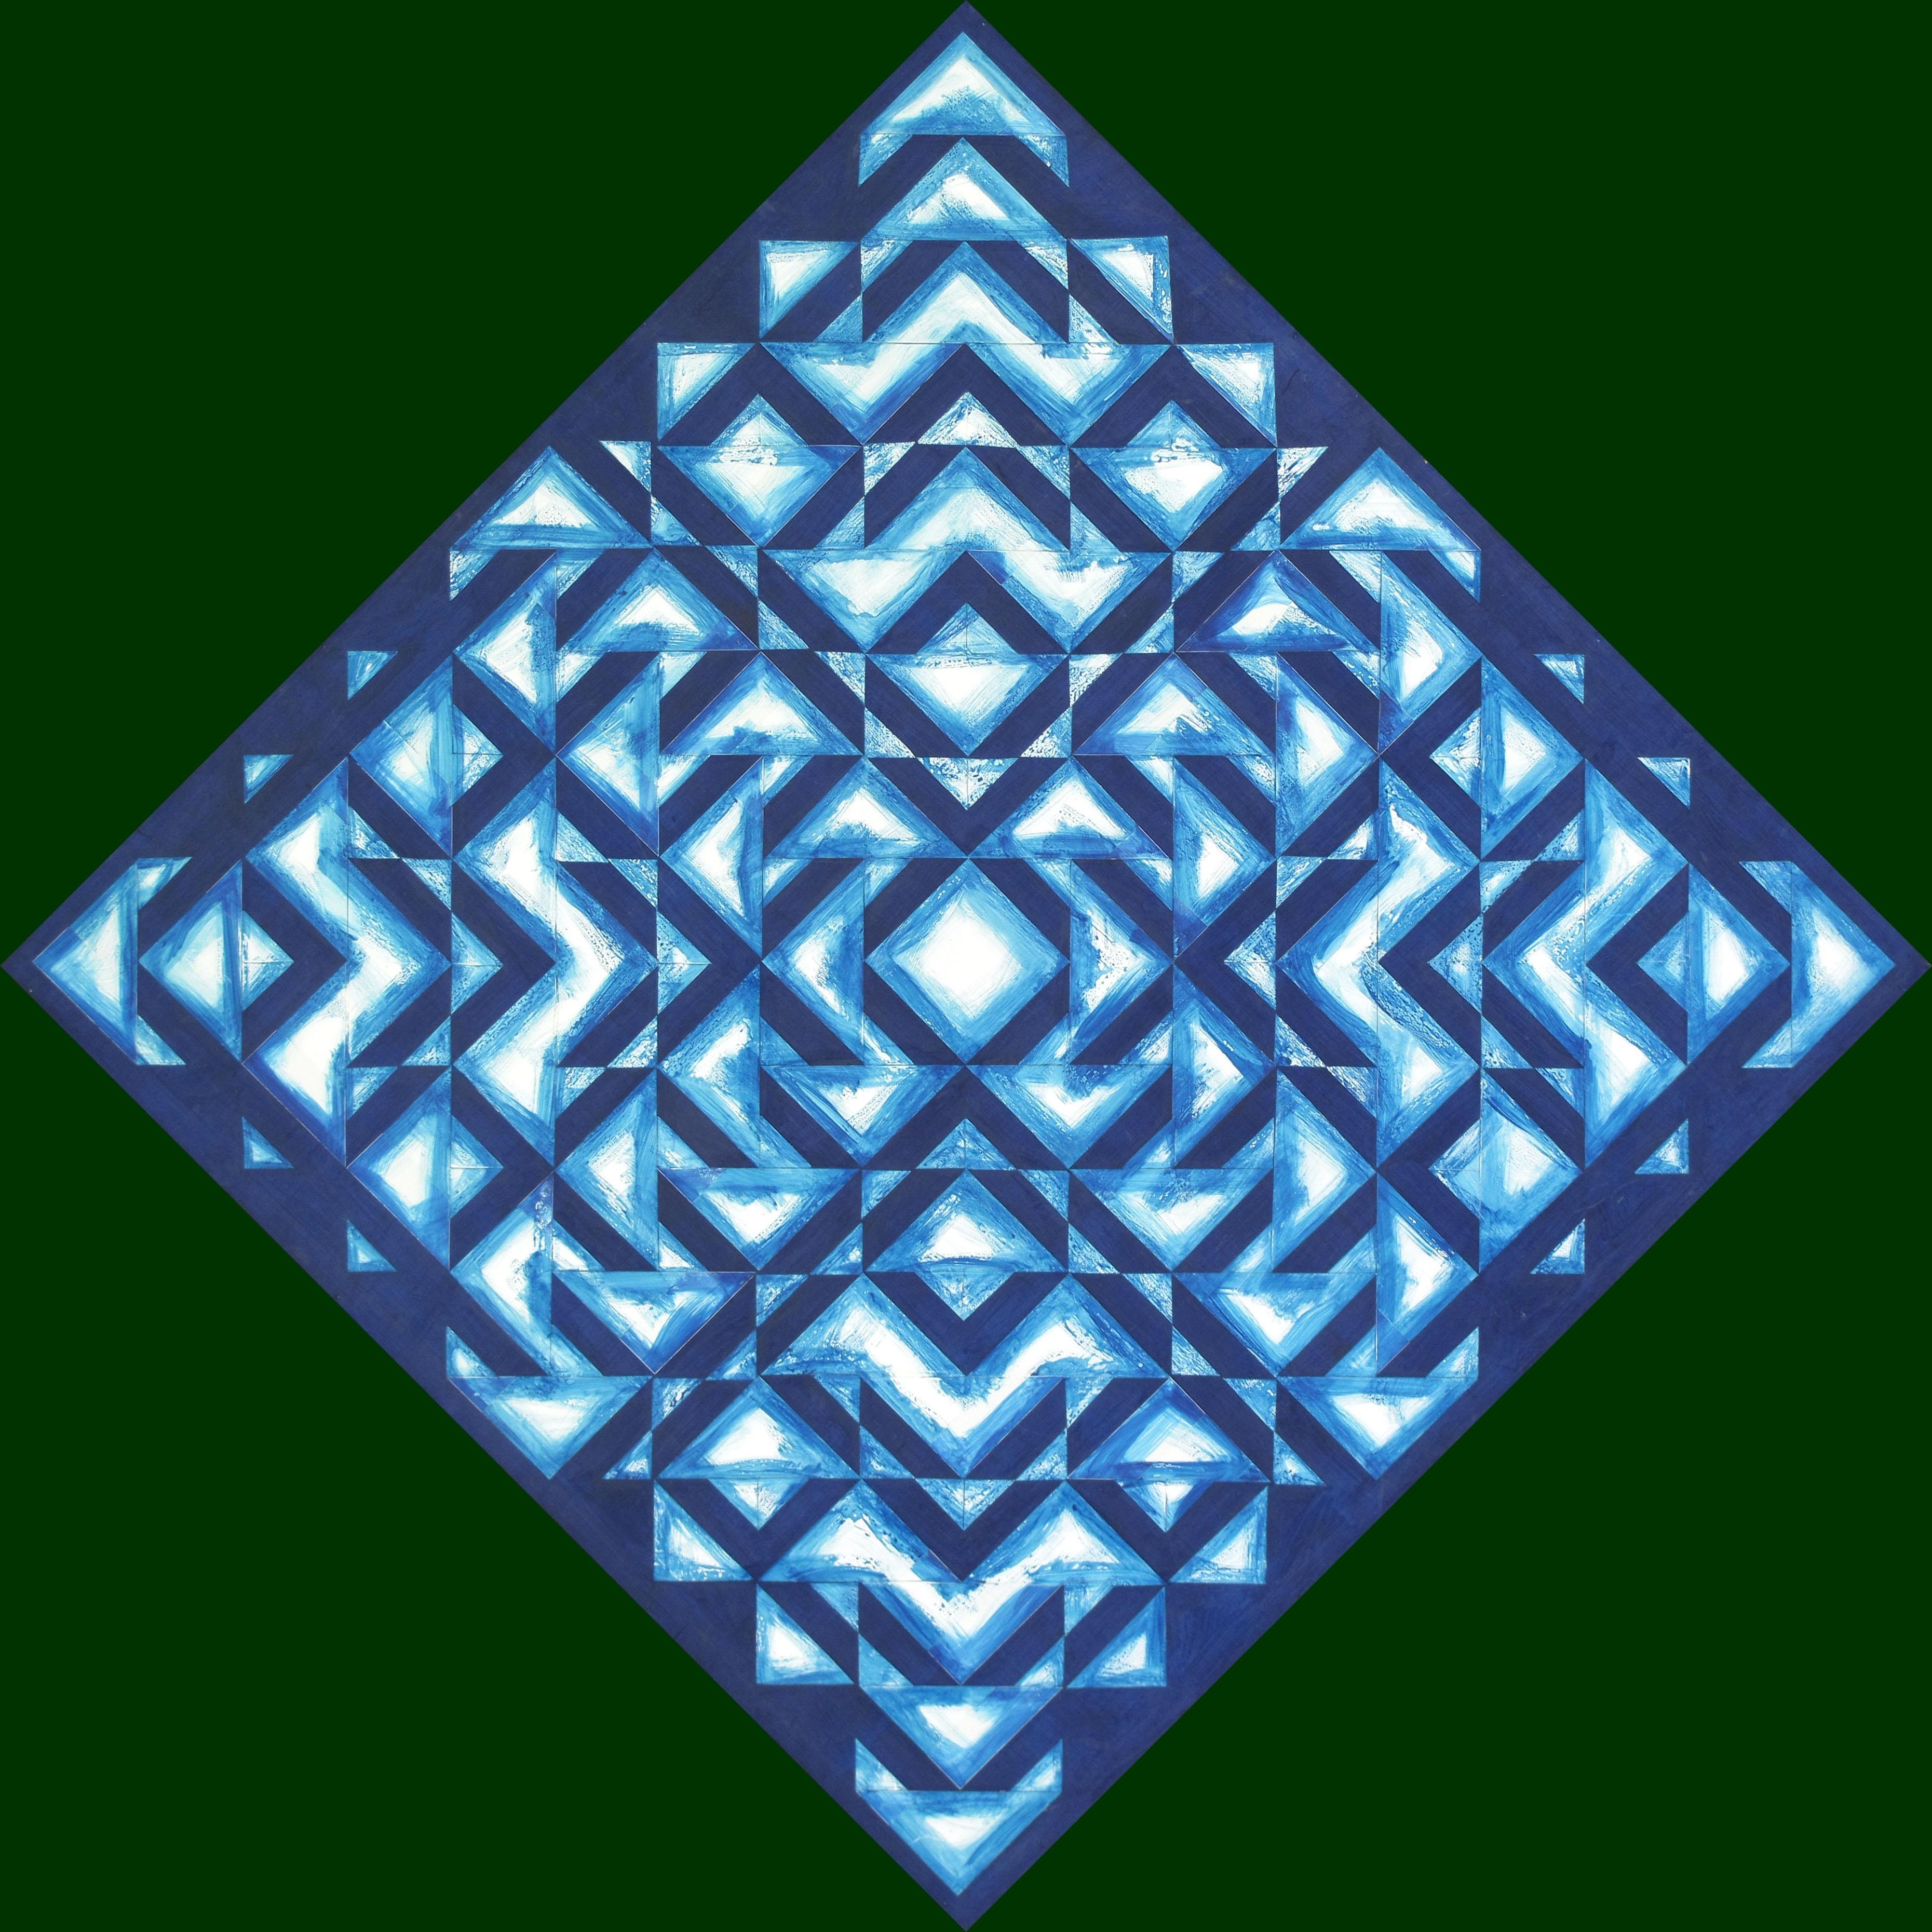 92-14kn.jpg (3721�3721)